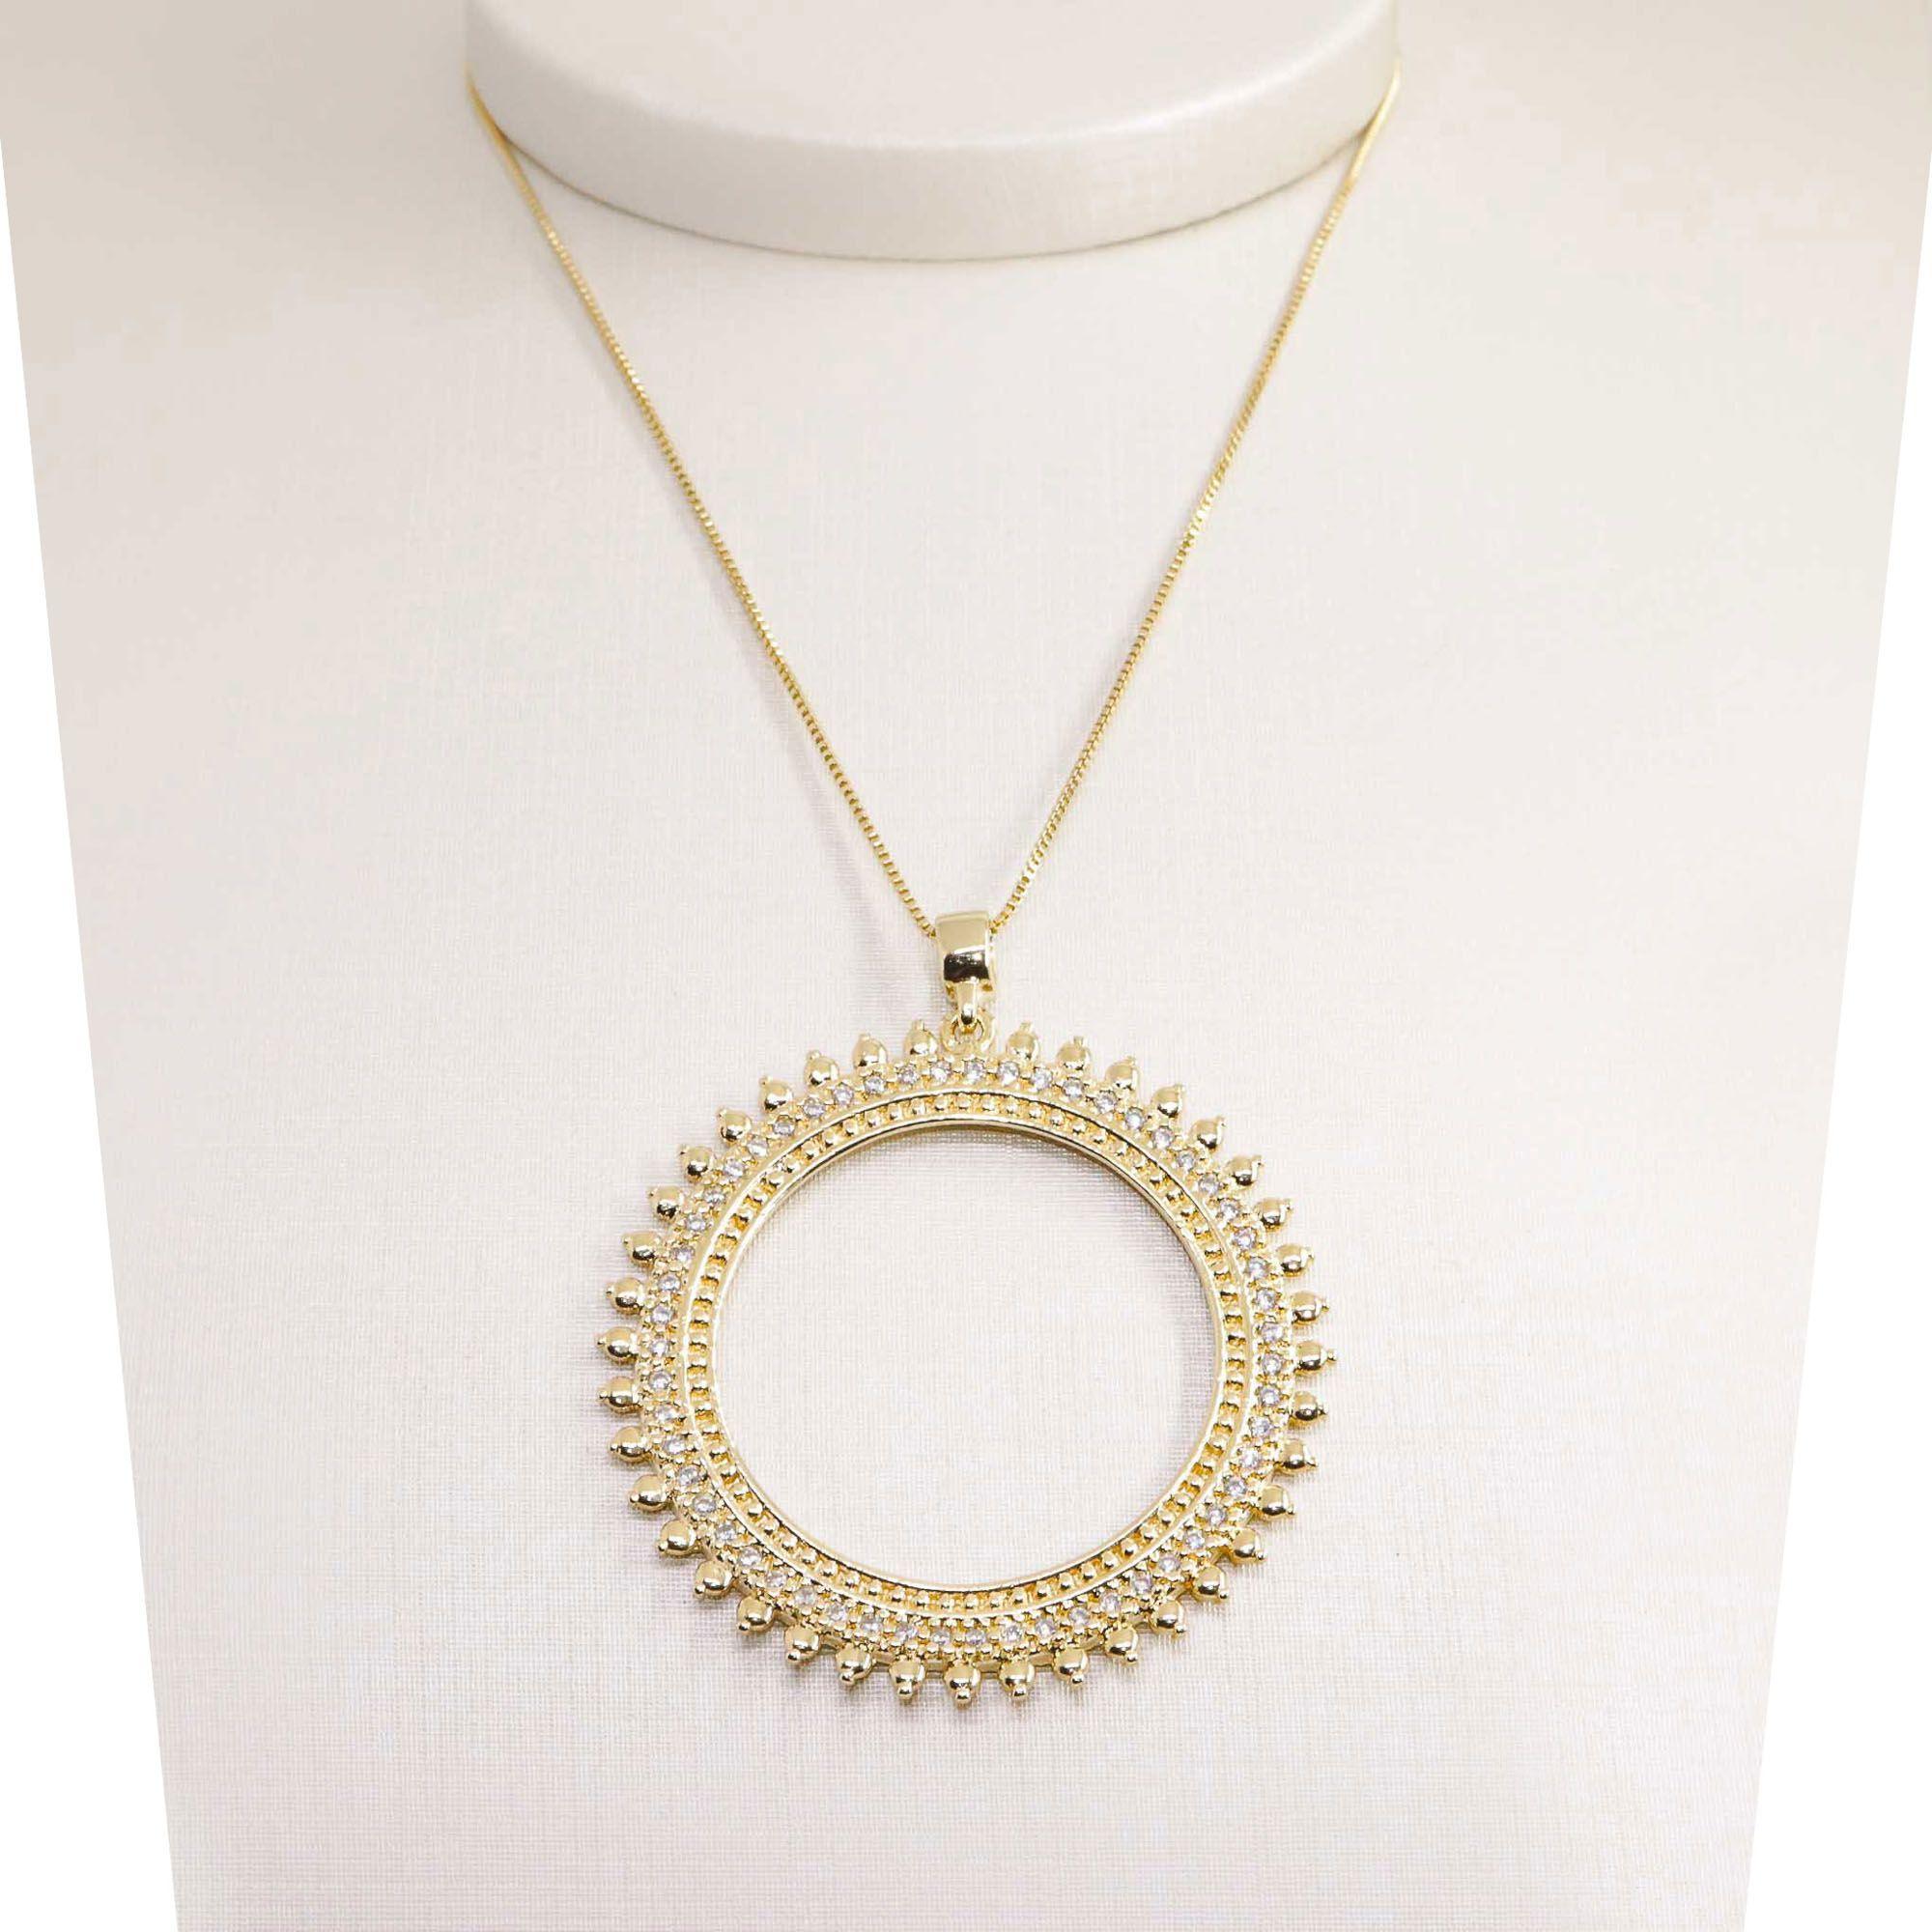 Colar semijoia Mandala grande cravejada folheado a ouro 18k ou rhodium com corrente de 45 cm